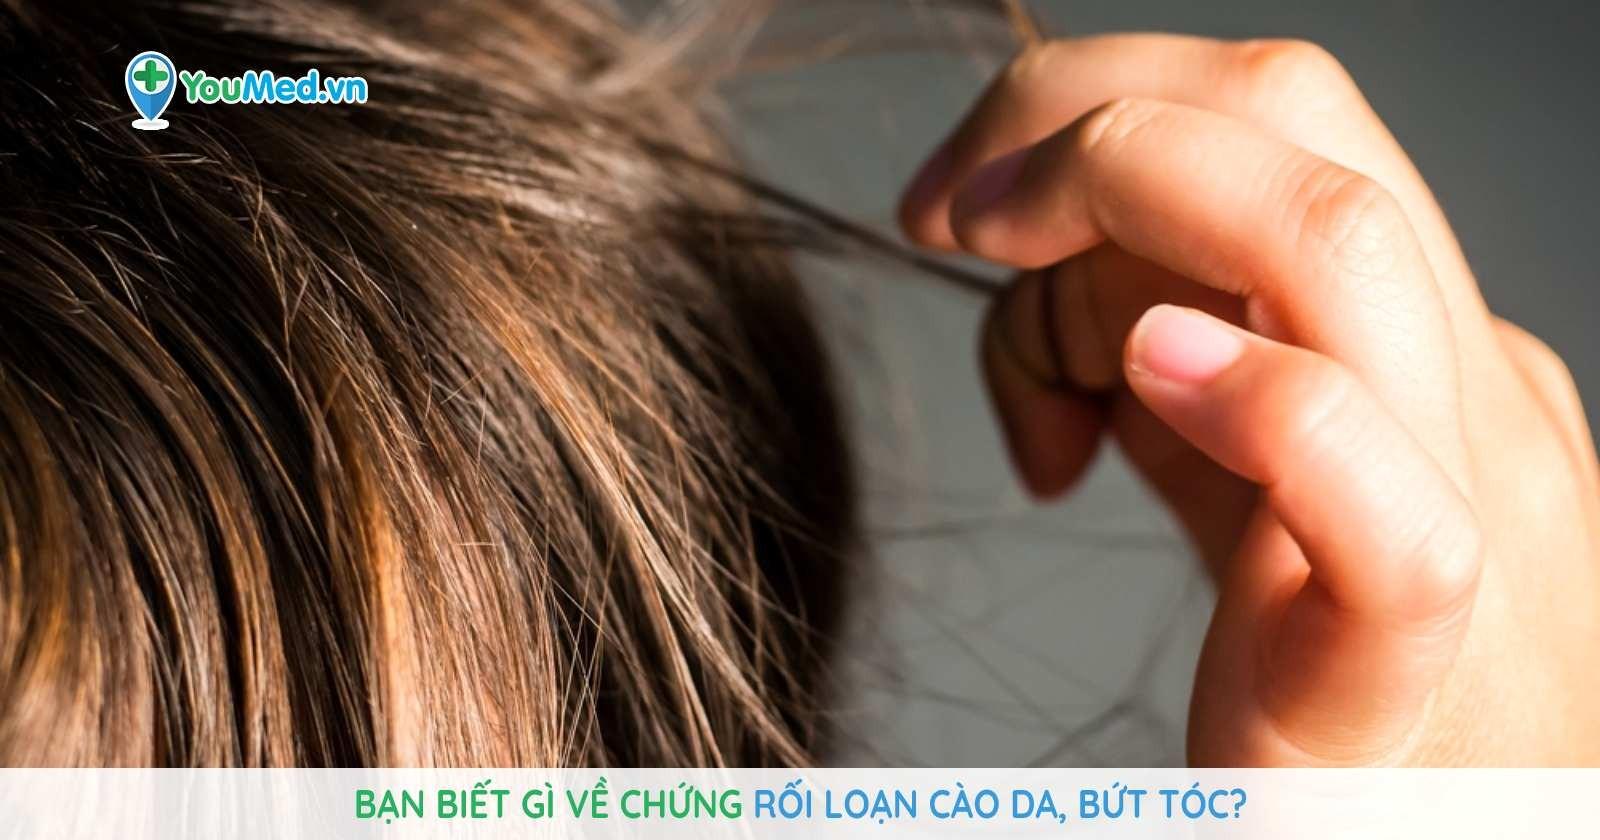 Bạn biết gì về chứng rối loạn cào da, bứt tóc?